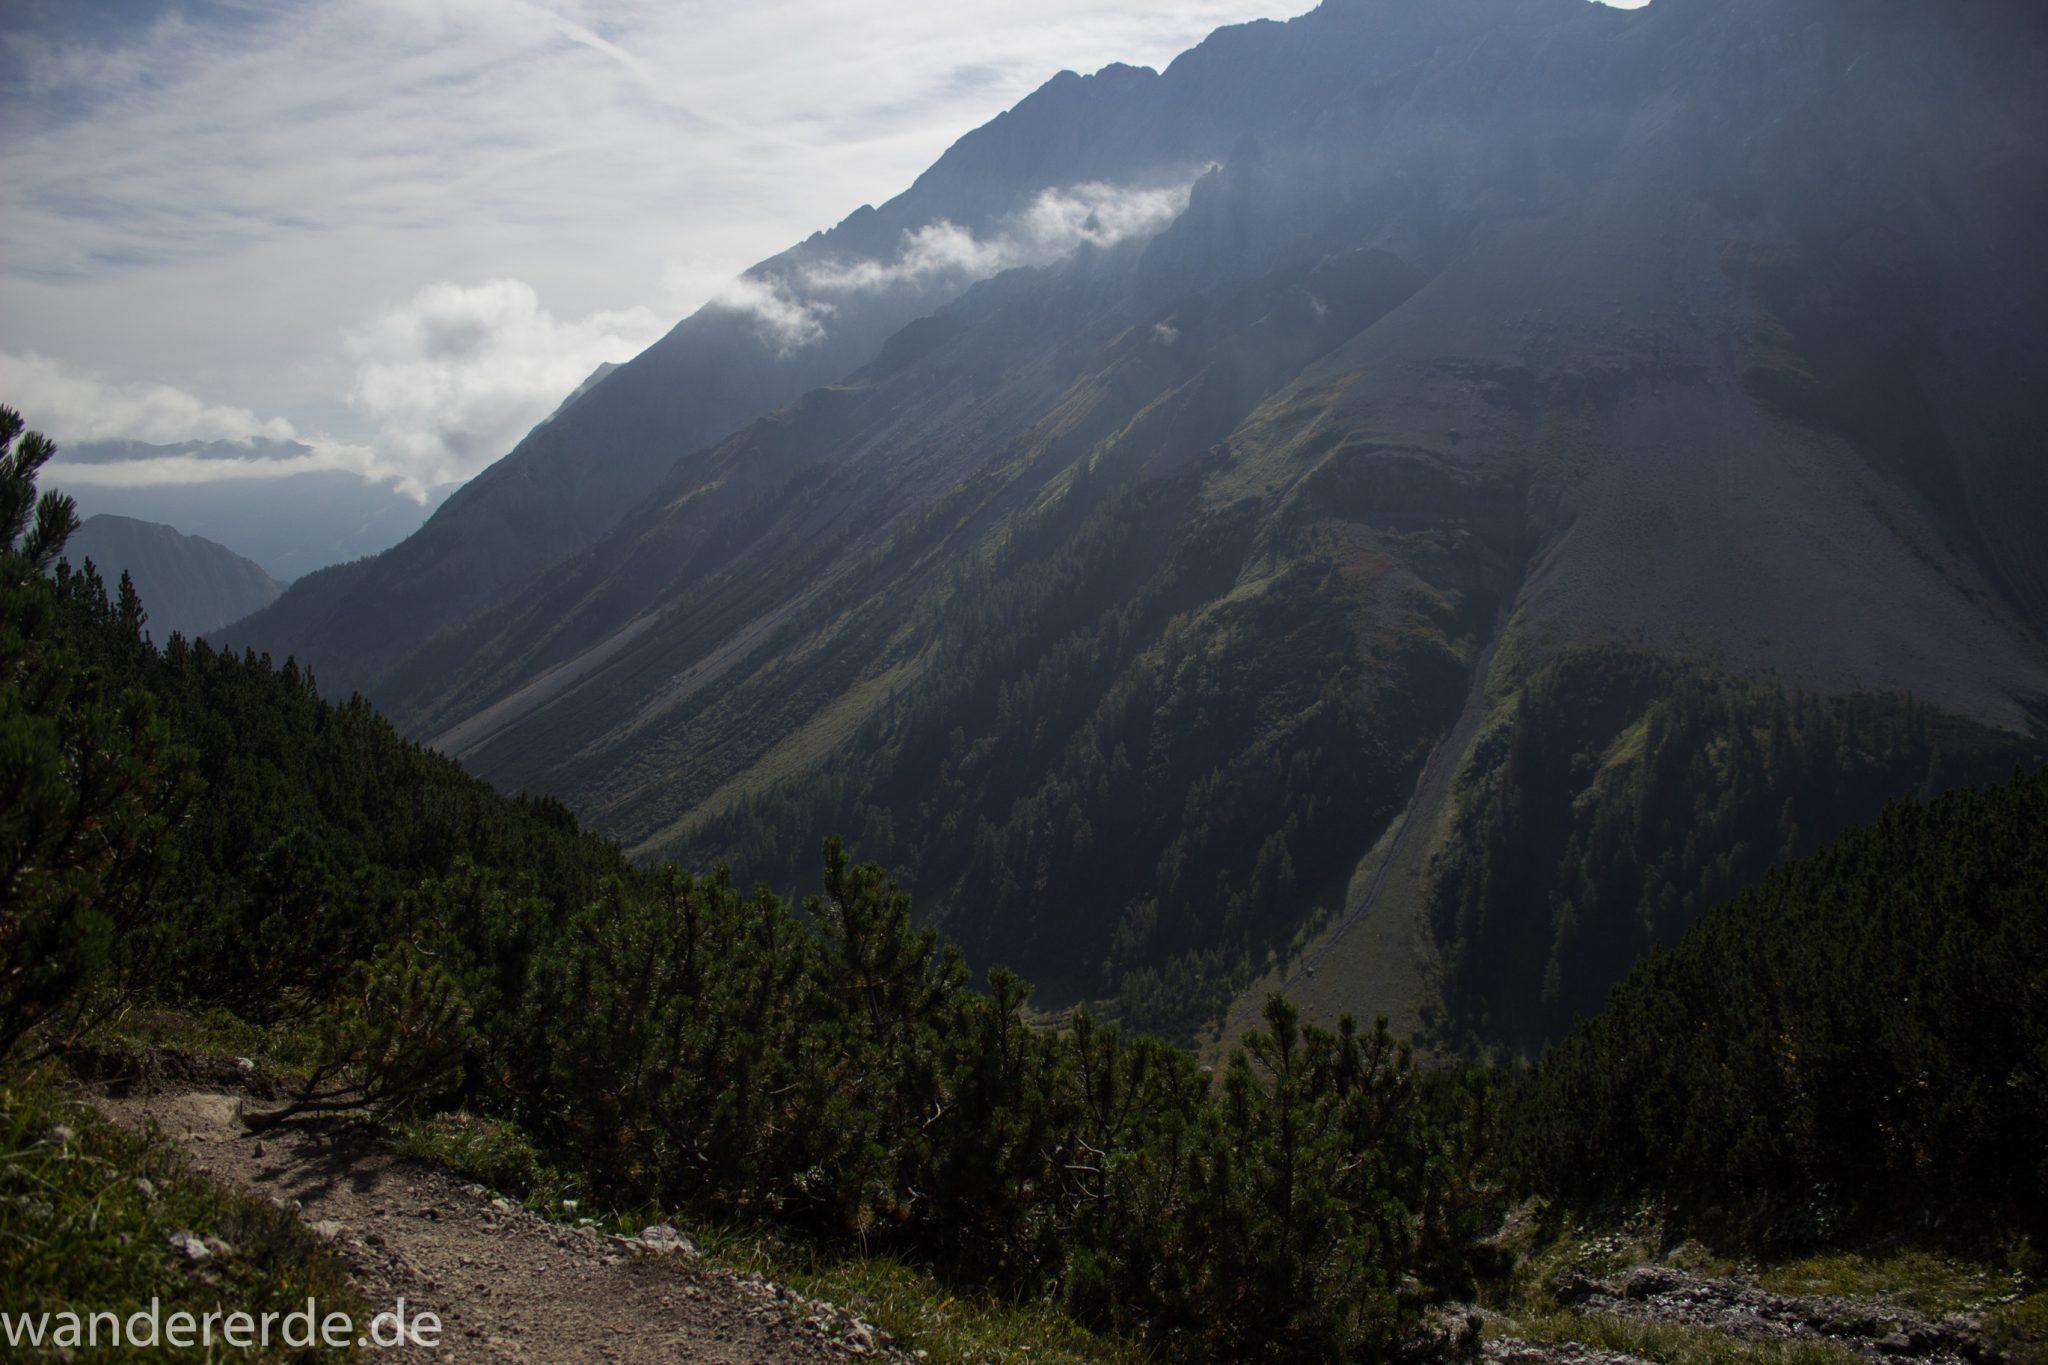 Alpenüberquerung Fernwanderweg E5 Oberstdorf Meran, 3. Etappe von Memminger Hütte zur Skihütte Zams, nach Erreichen der Seescharte folgt ein sehr langer Abstieg ins Lochbachtal Richtung Zams, Aussicht auf die umliegenden Berge, grüne Vegetation ist wieder erreicht, Blick auf schmalen schönen Wanderpfad